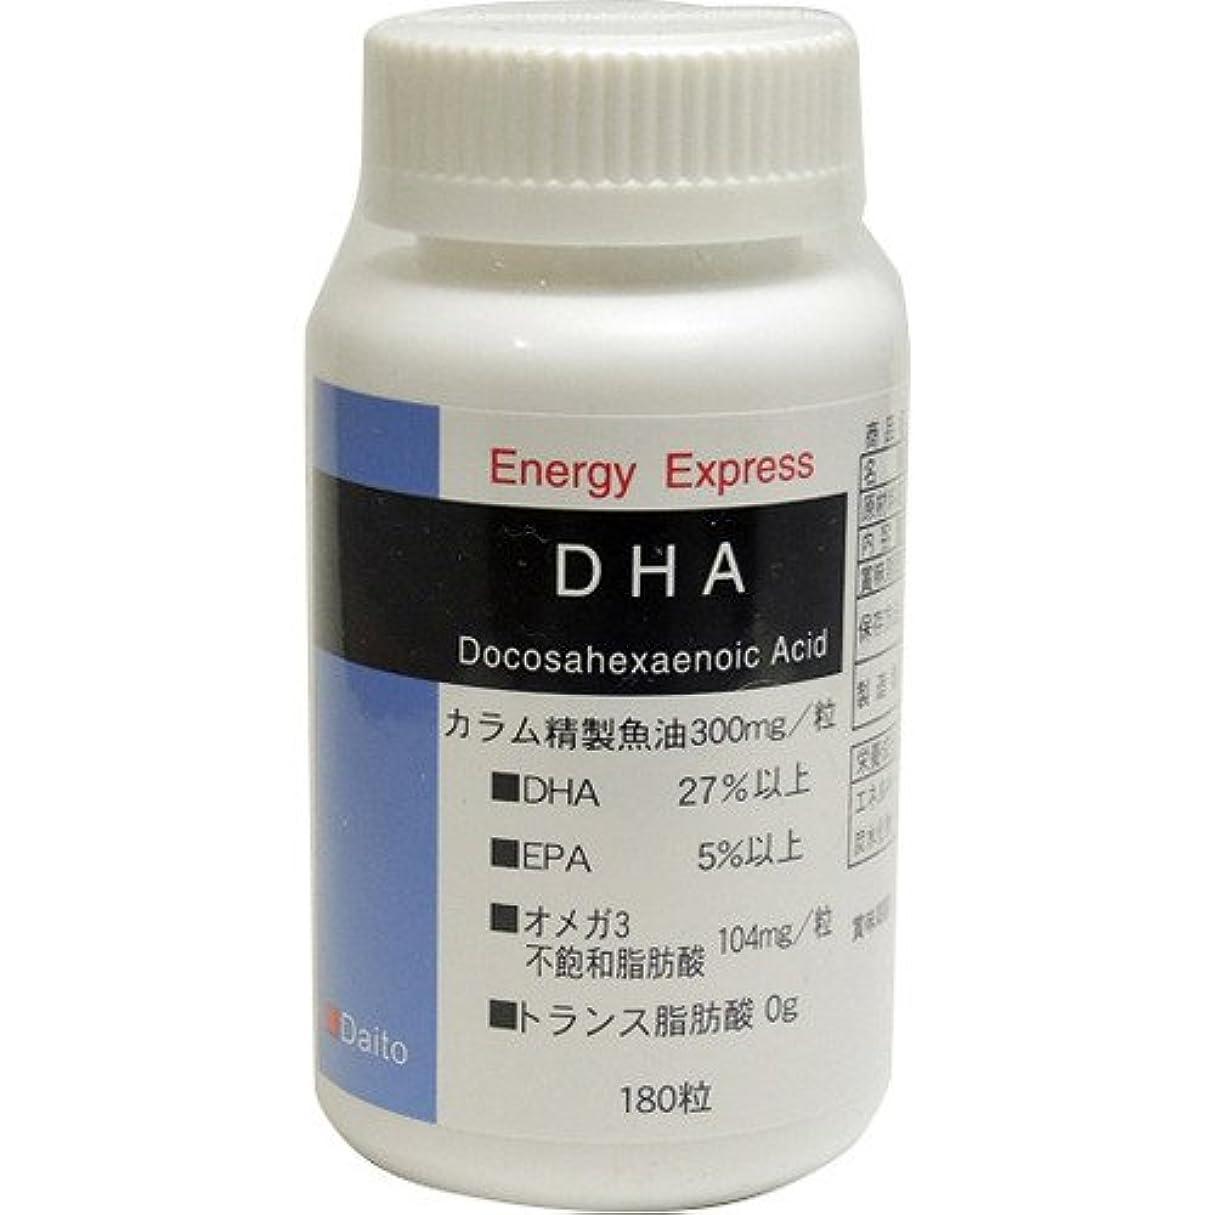 砂漠強い開示するダイトー水産 エナジーエキスプレス DHA 445mg×180粒入り